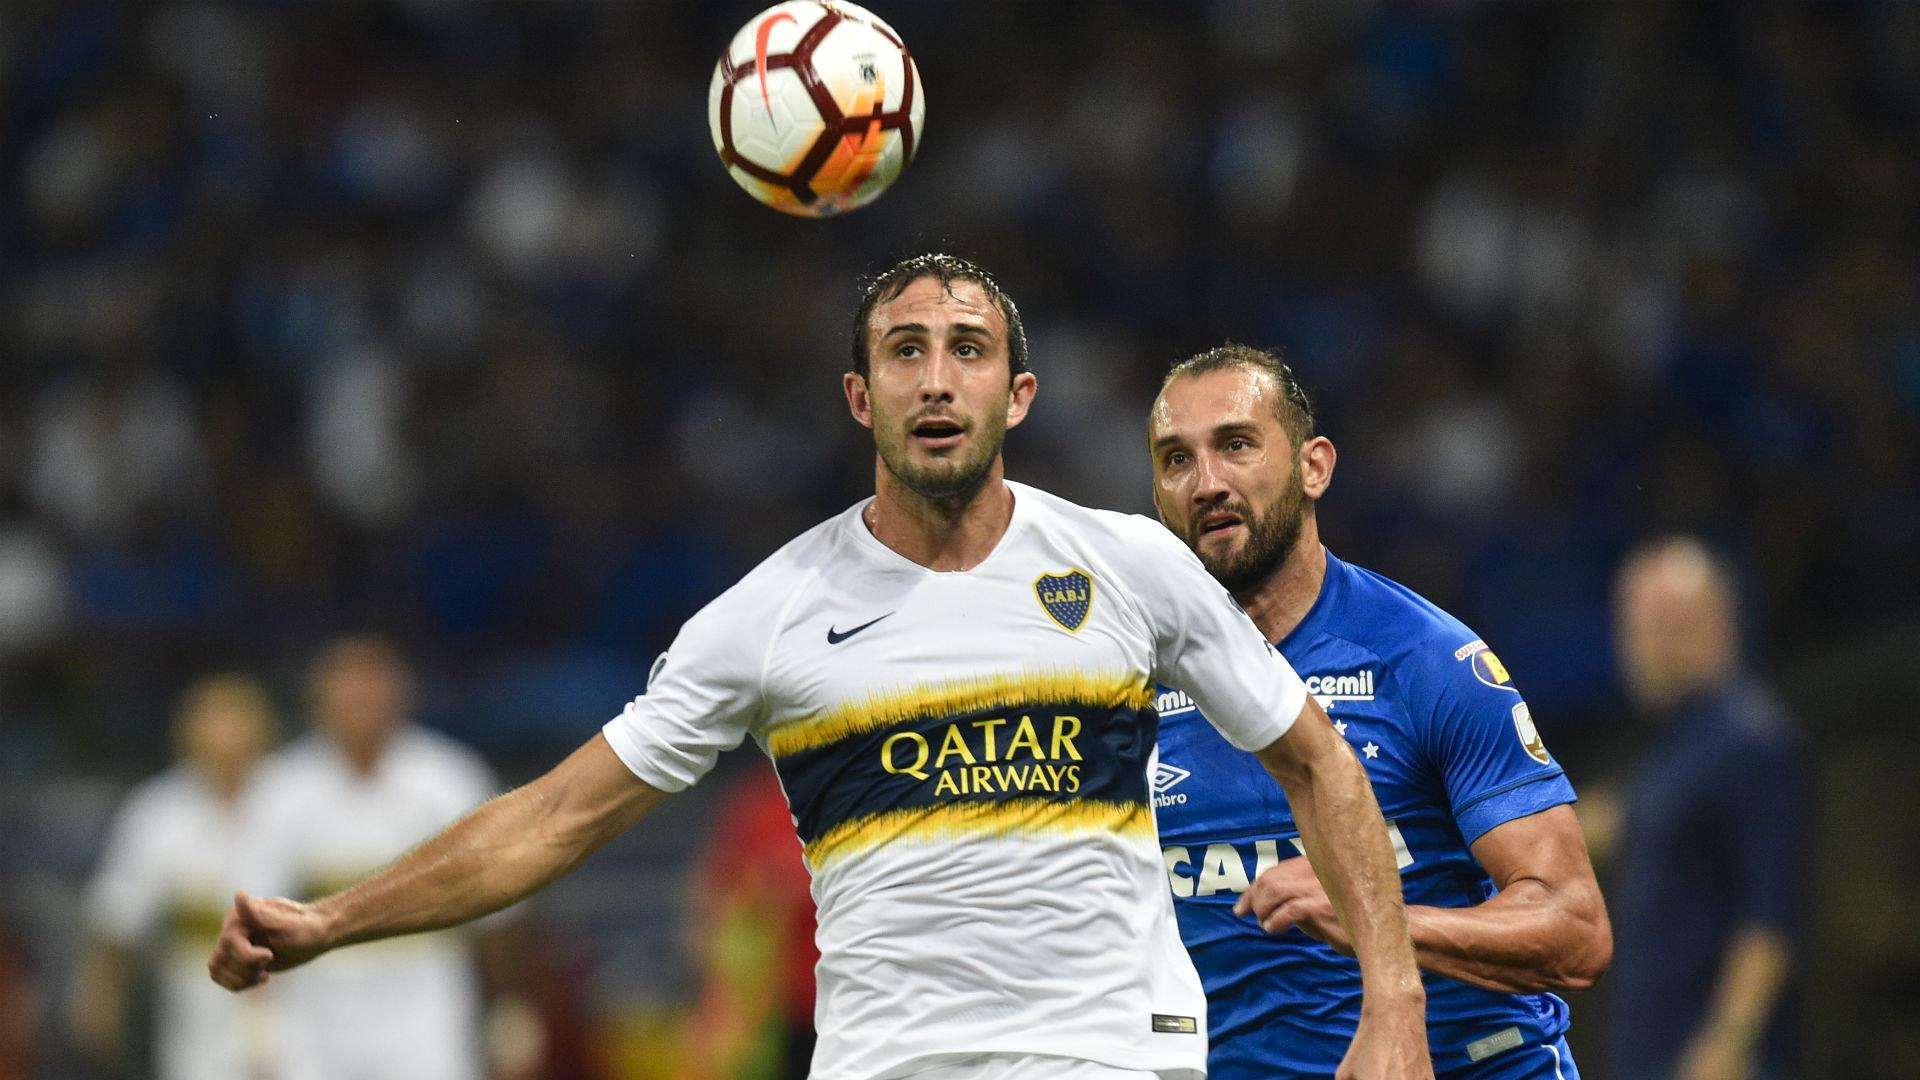 Izquierdoz Barcos Cruzeiro Boca Copa Libertadores 04102018